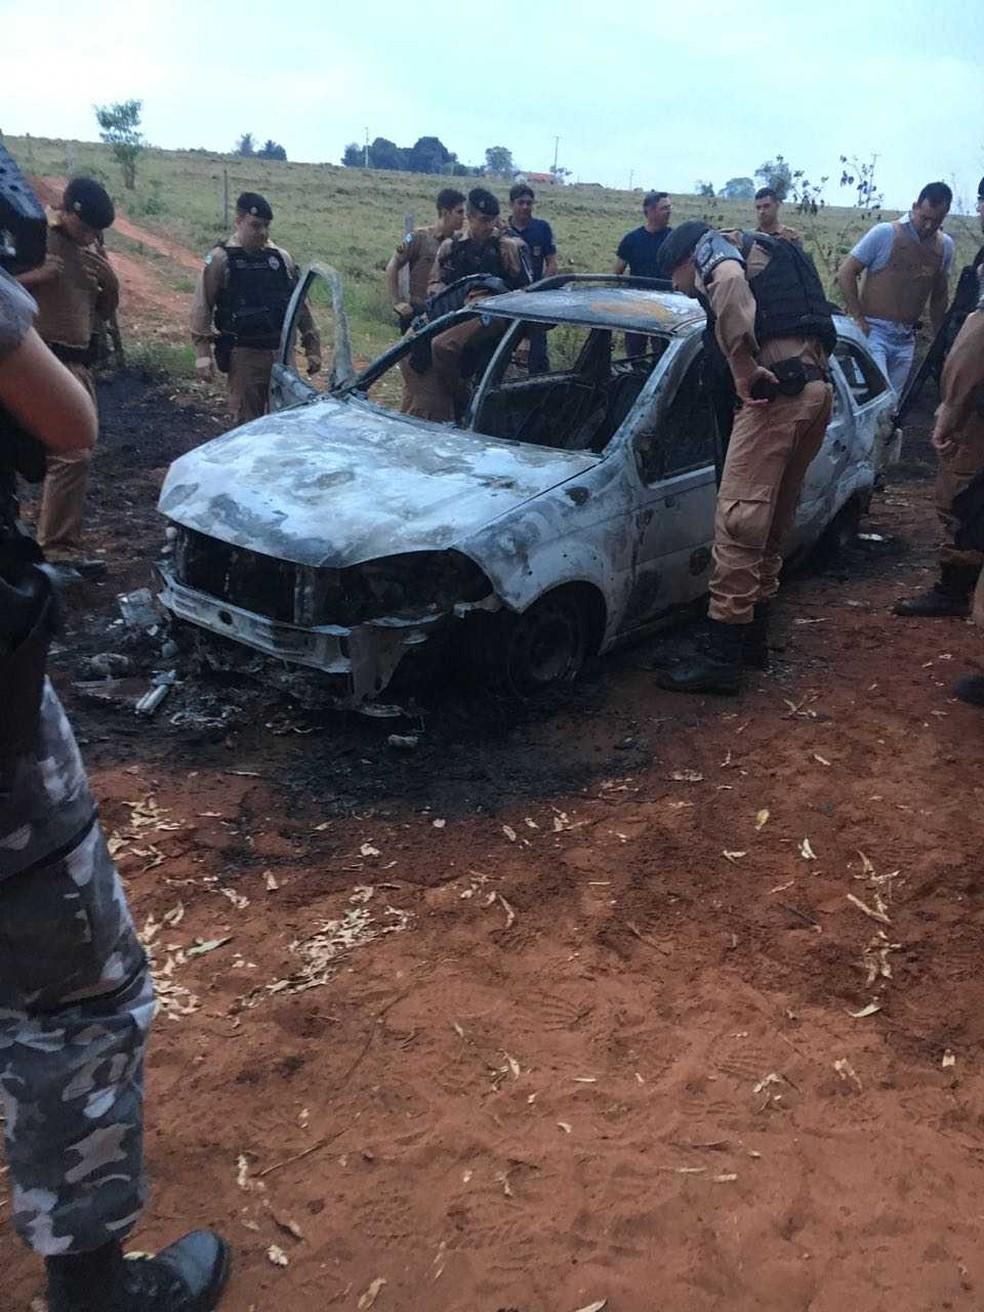 Ainda durante a madrugada, um carro incendiado foi encontrado na mesma região; suspeita-se que seja o veículo usado pelos assassinos (Foto: PM/Divulgação)